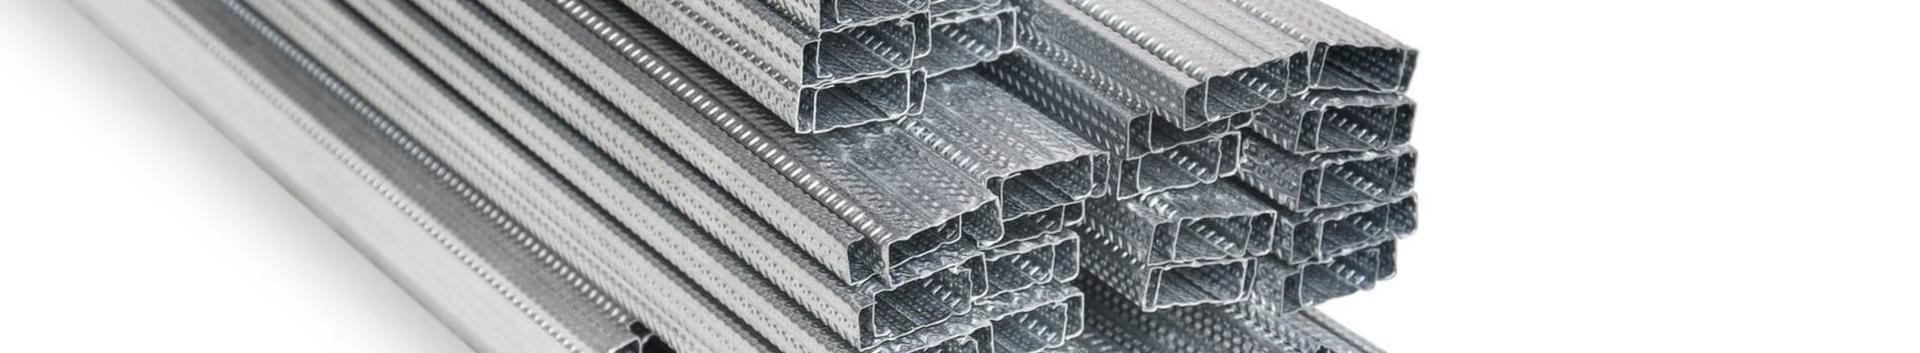 25119_metallkonstruktsioonide-tootmine_83583783_xl.jpg